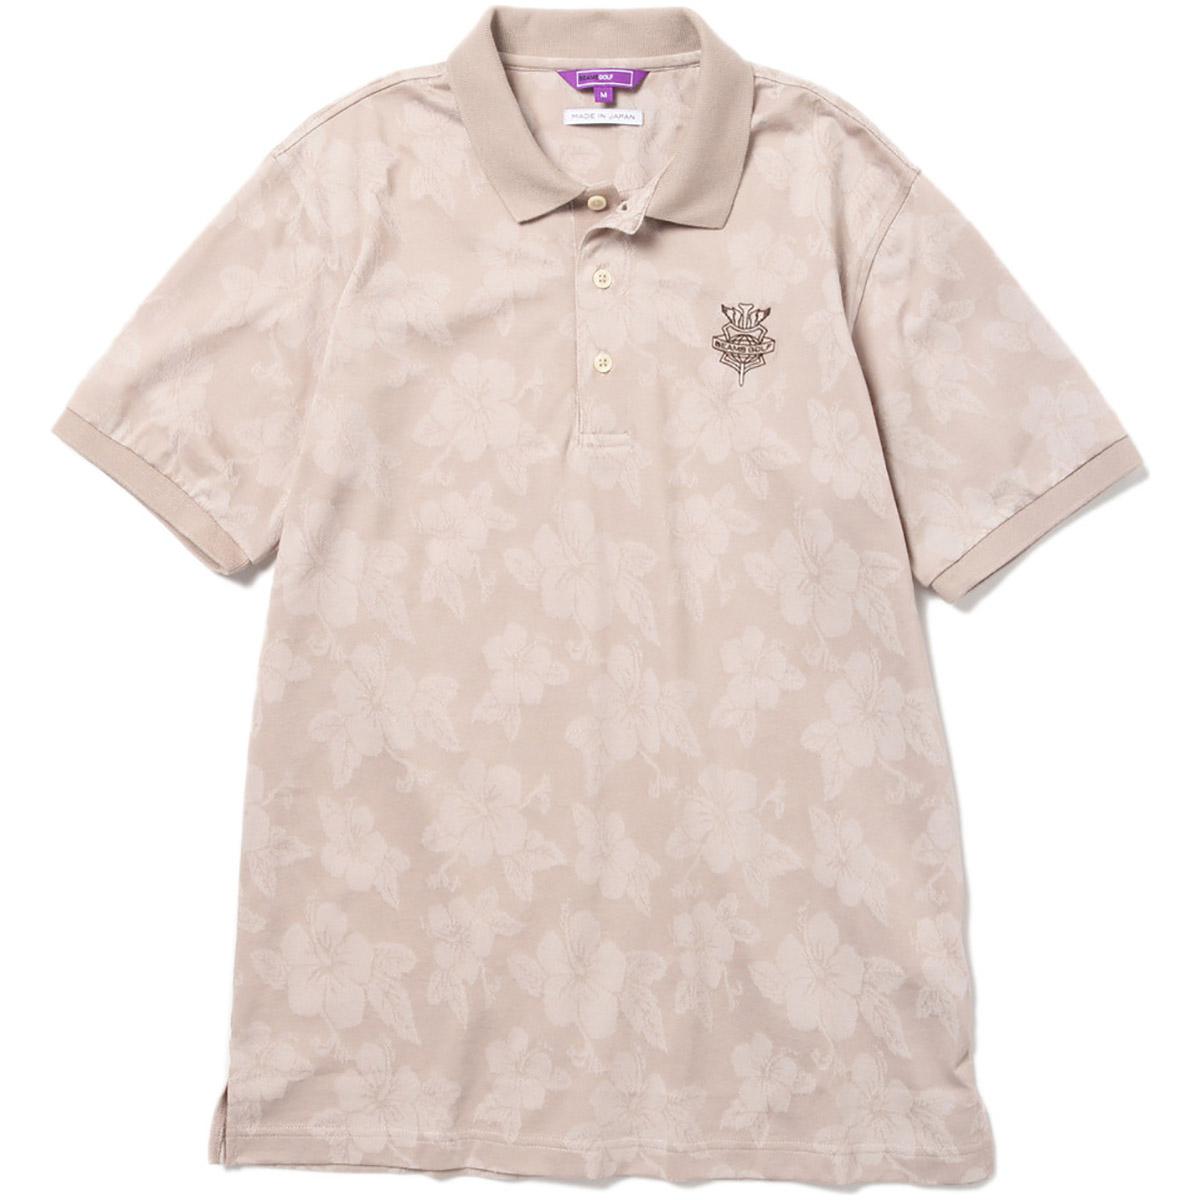 BEAMS GOLF PURPLE LABEL ジャカード フラワー ポロシャツ